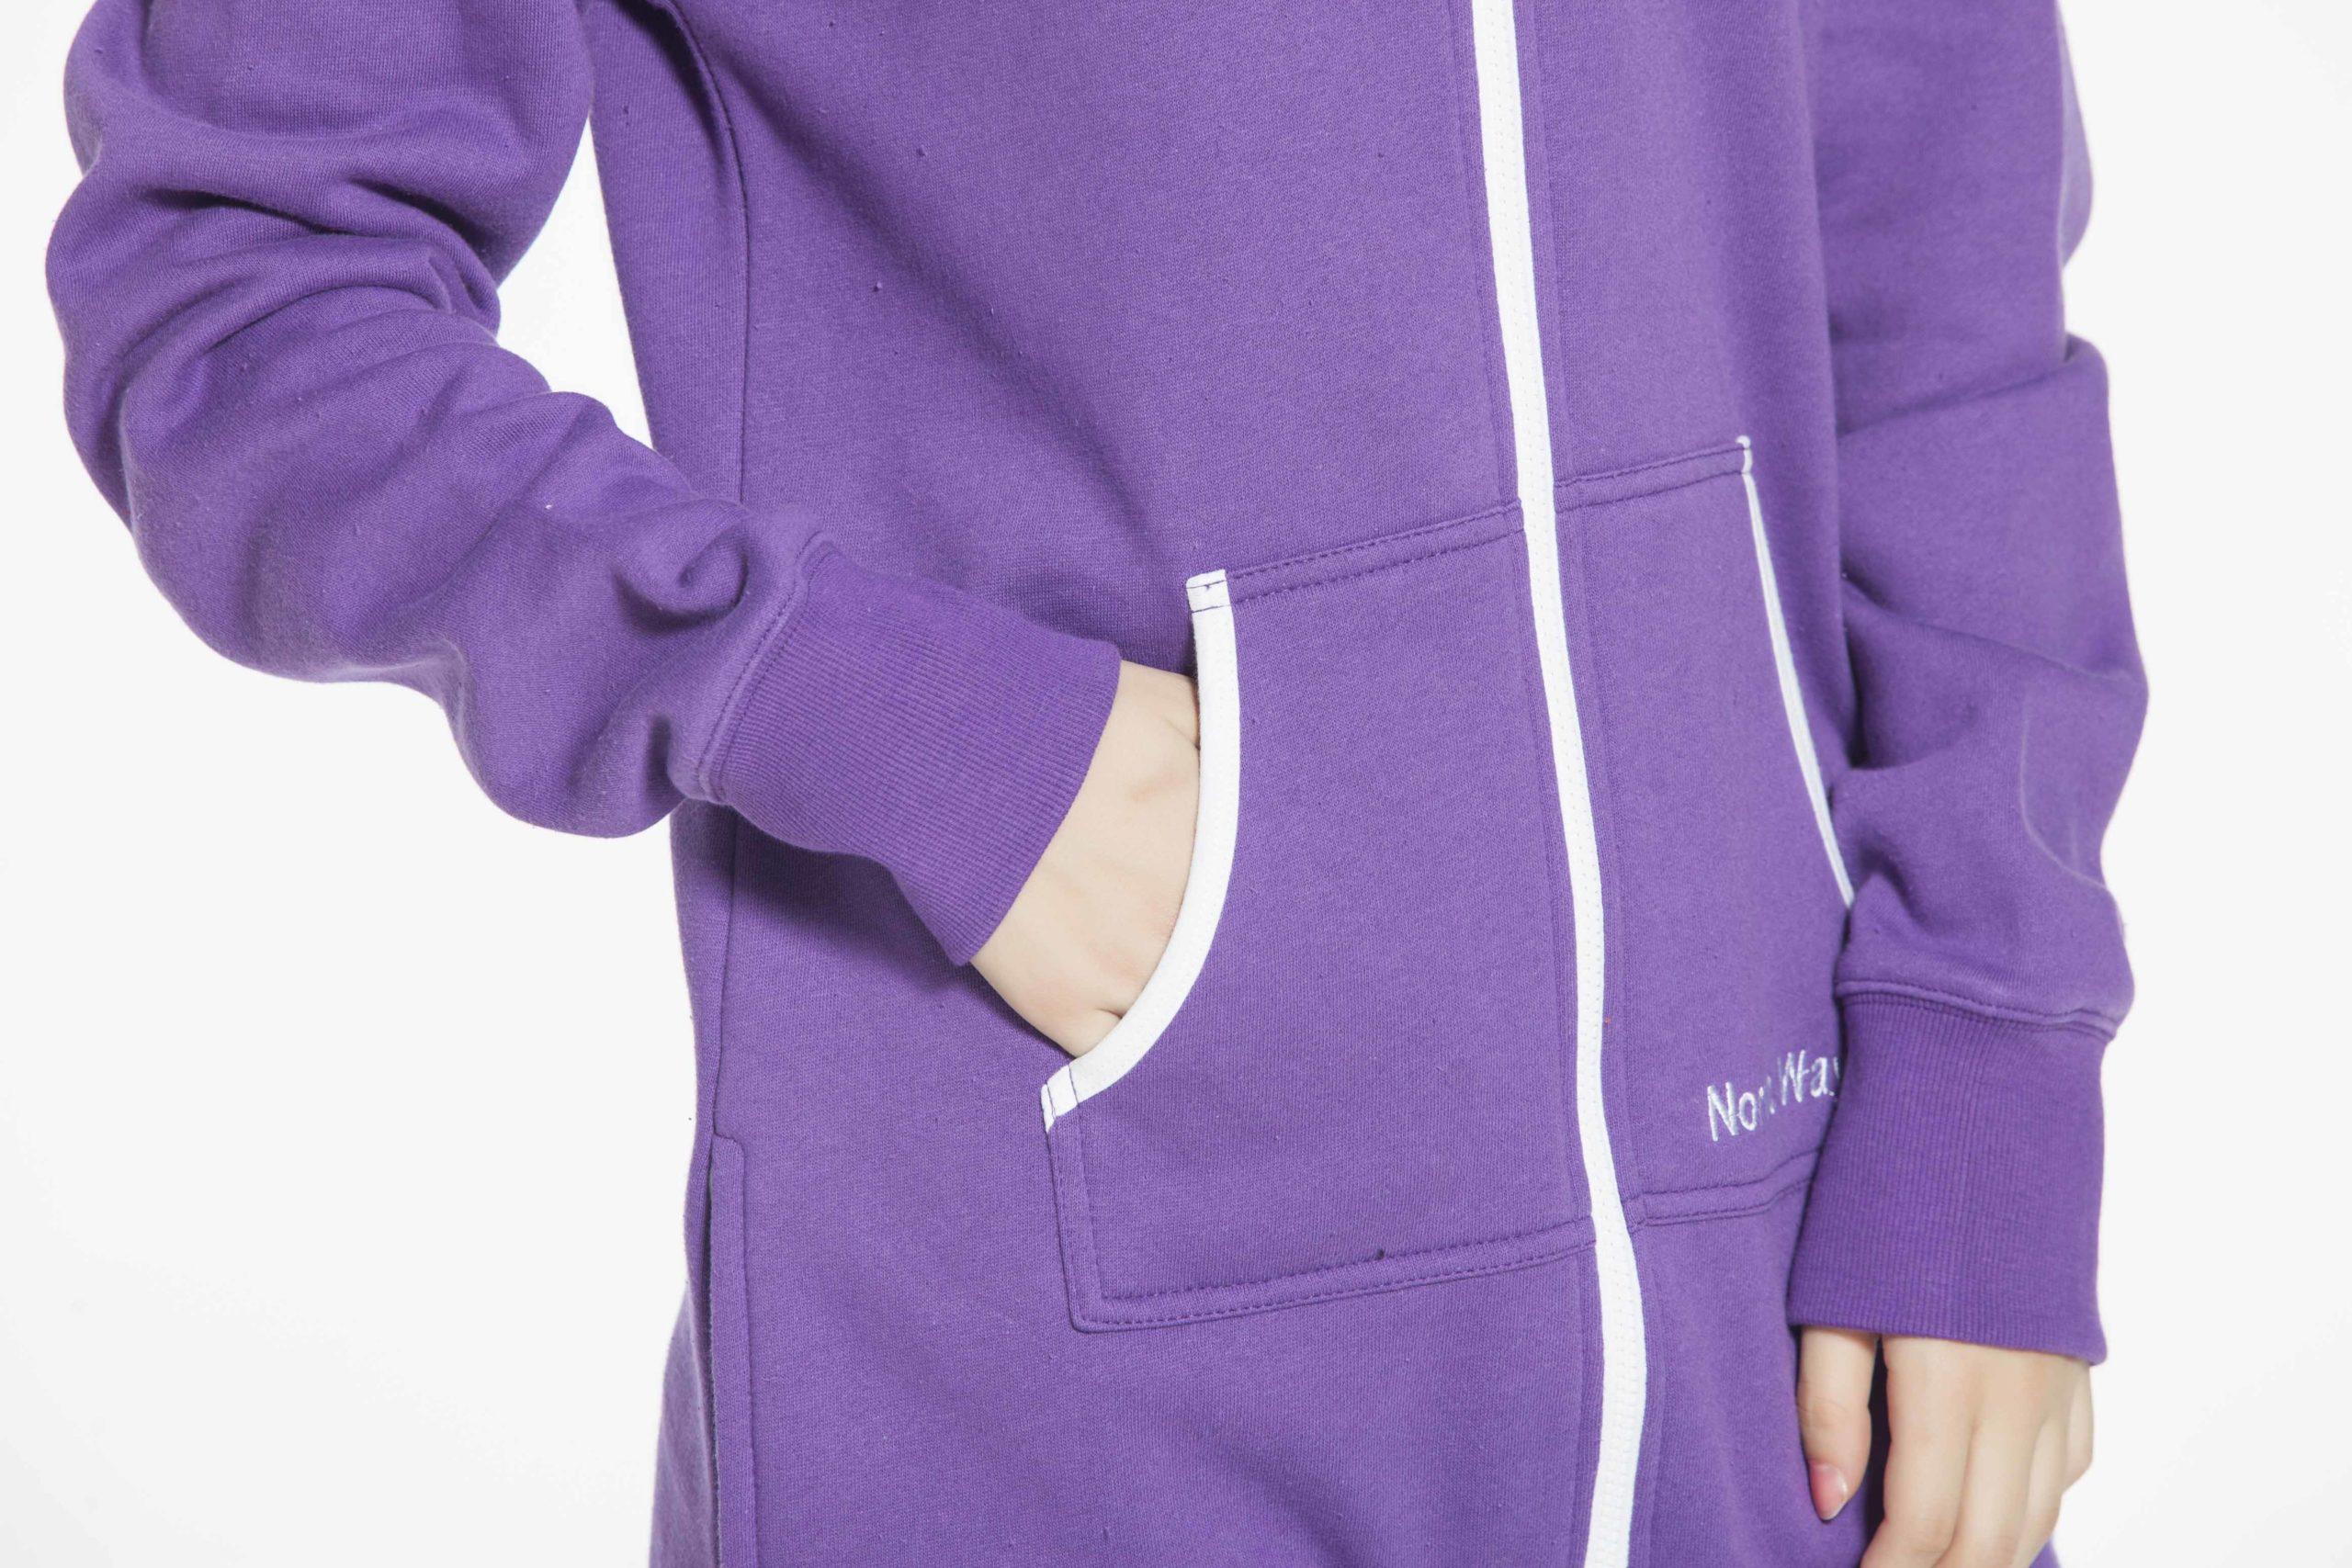 Комбинезон фиолетовый Onesie Original WOC14 (1)